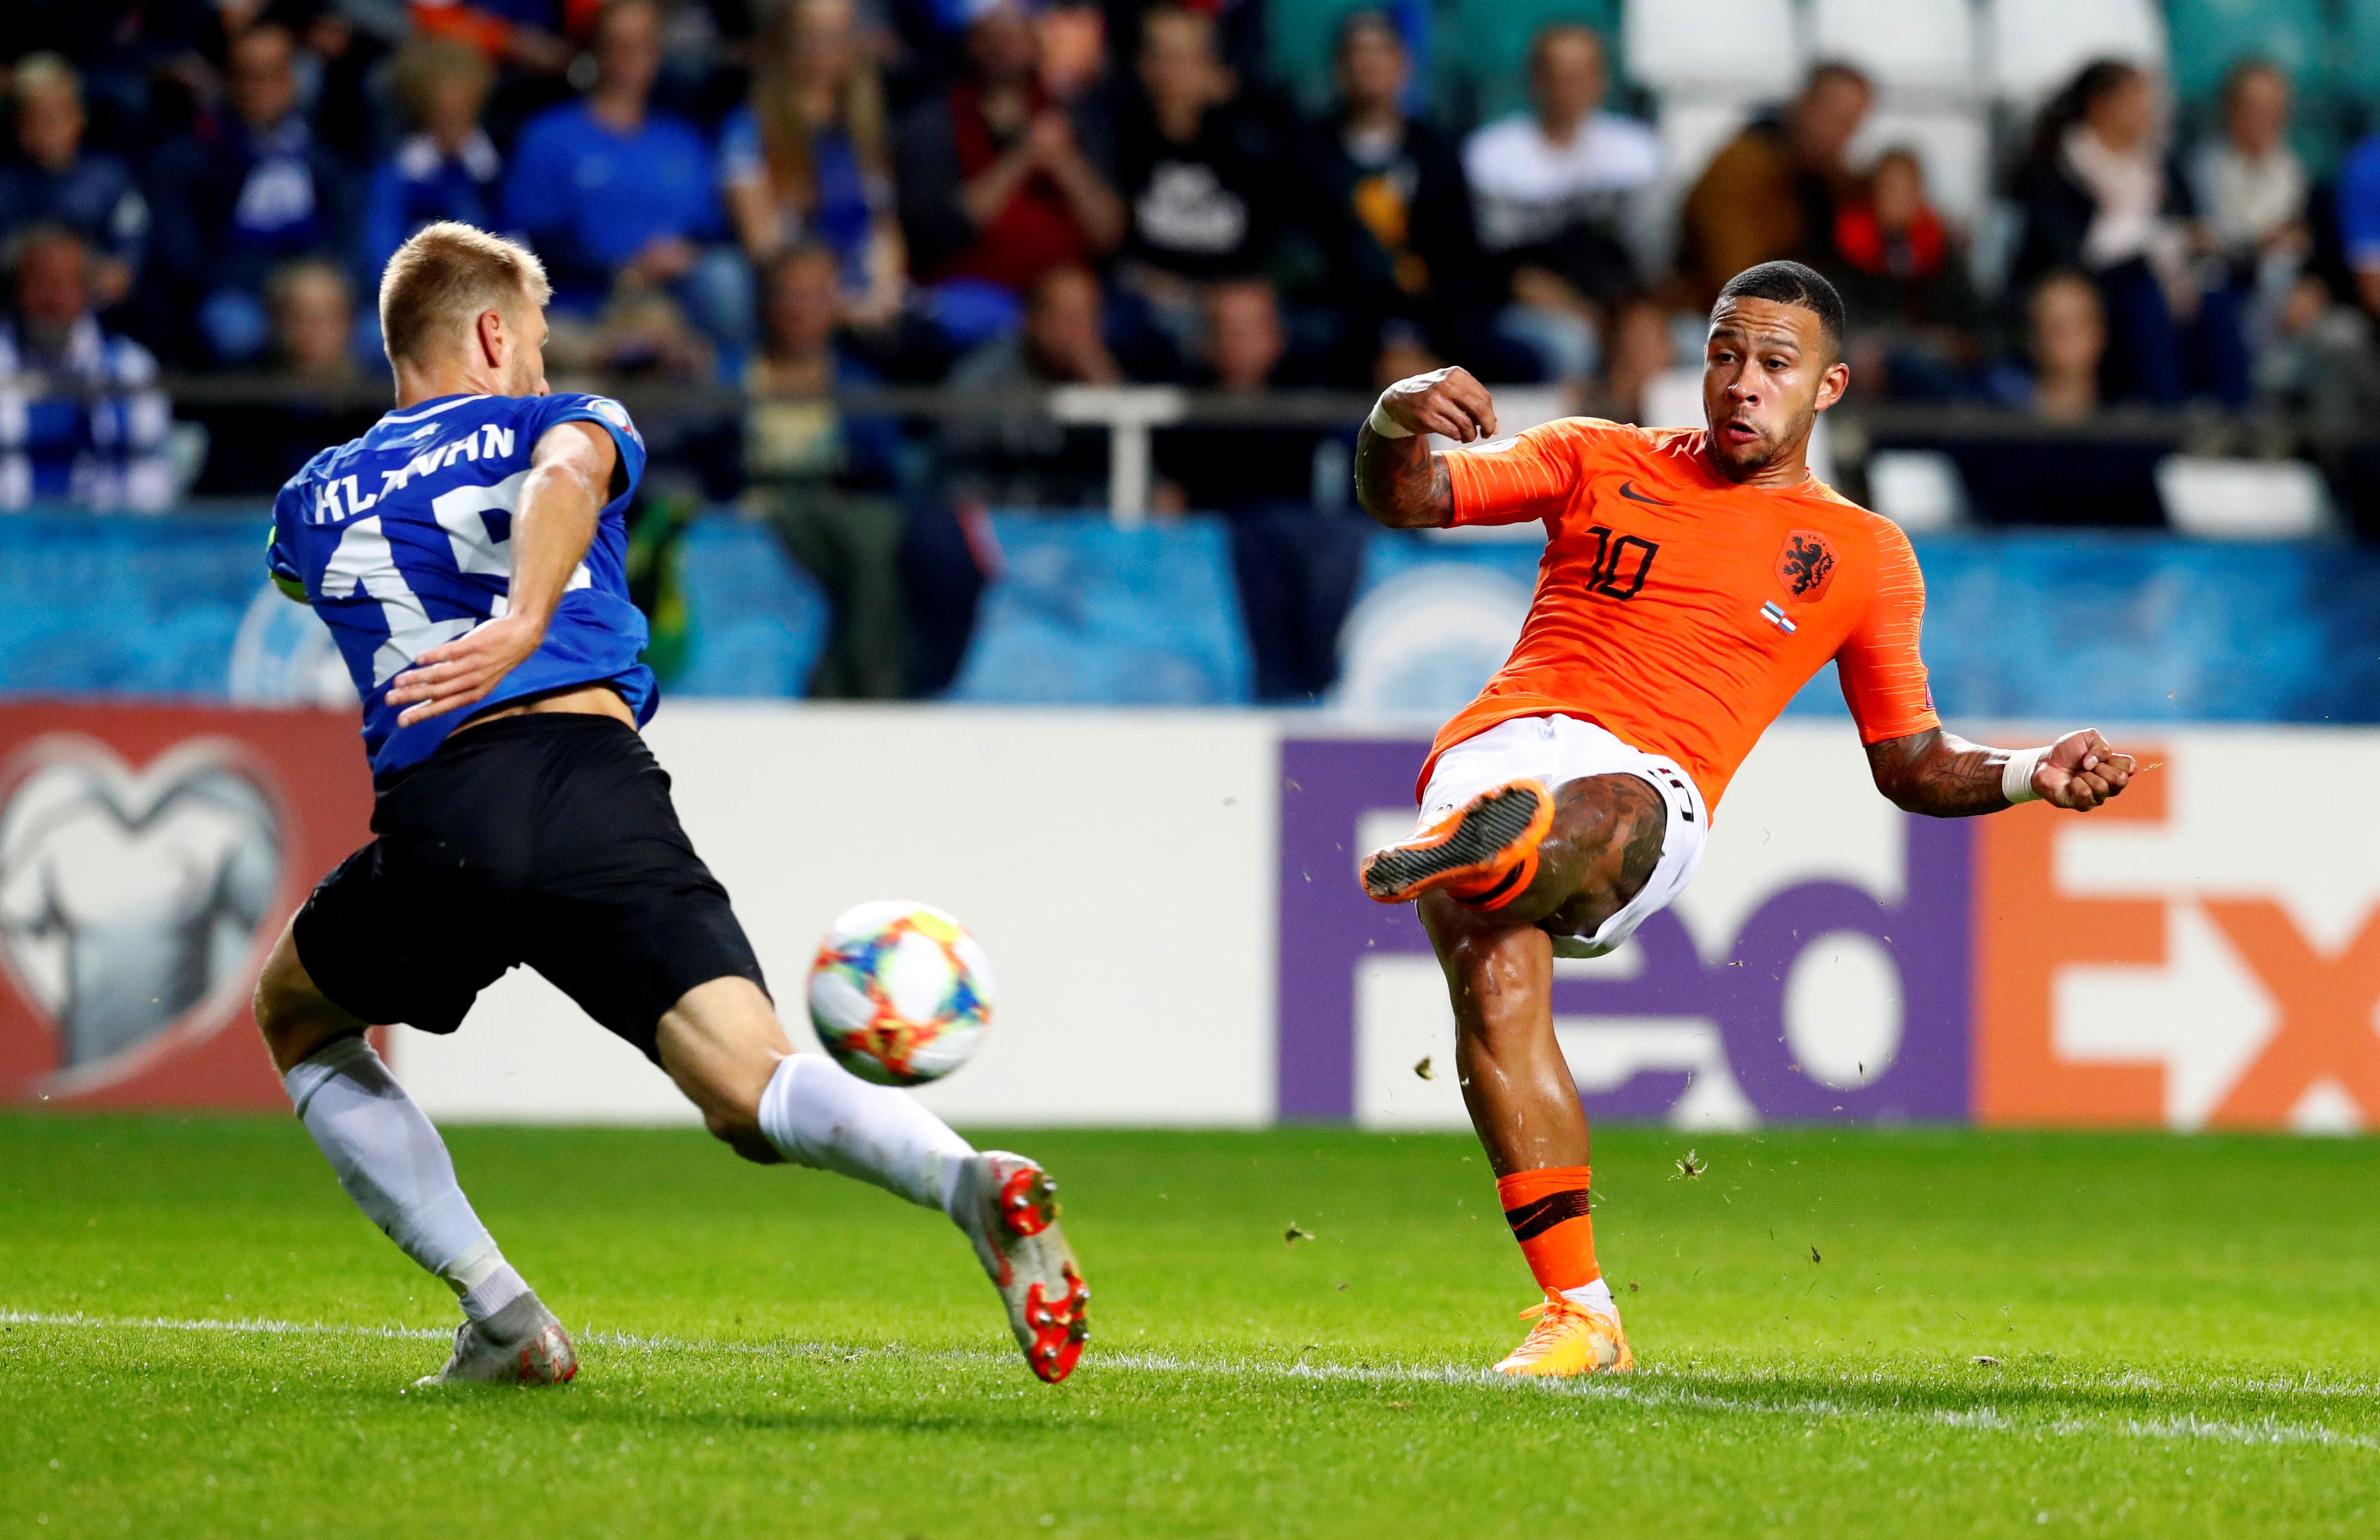 Soccer: Babel's brace spurs Netherlands to 4-0 win in Estonia